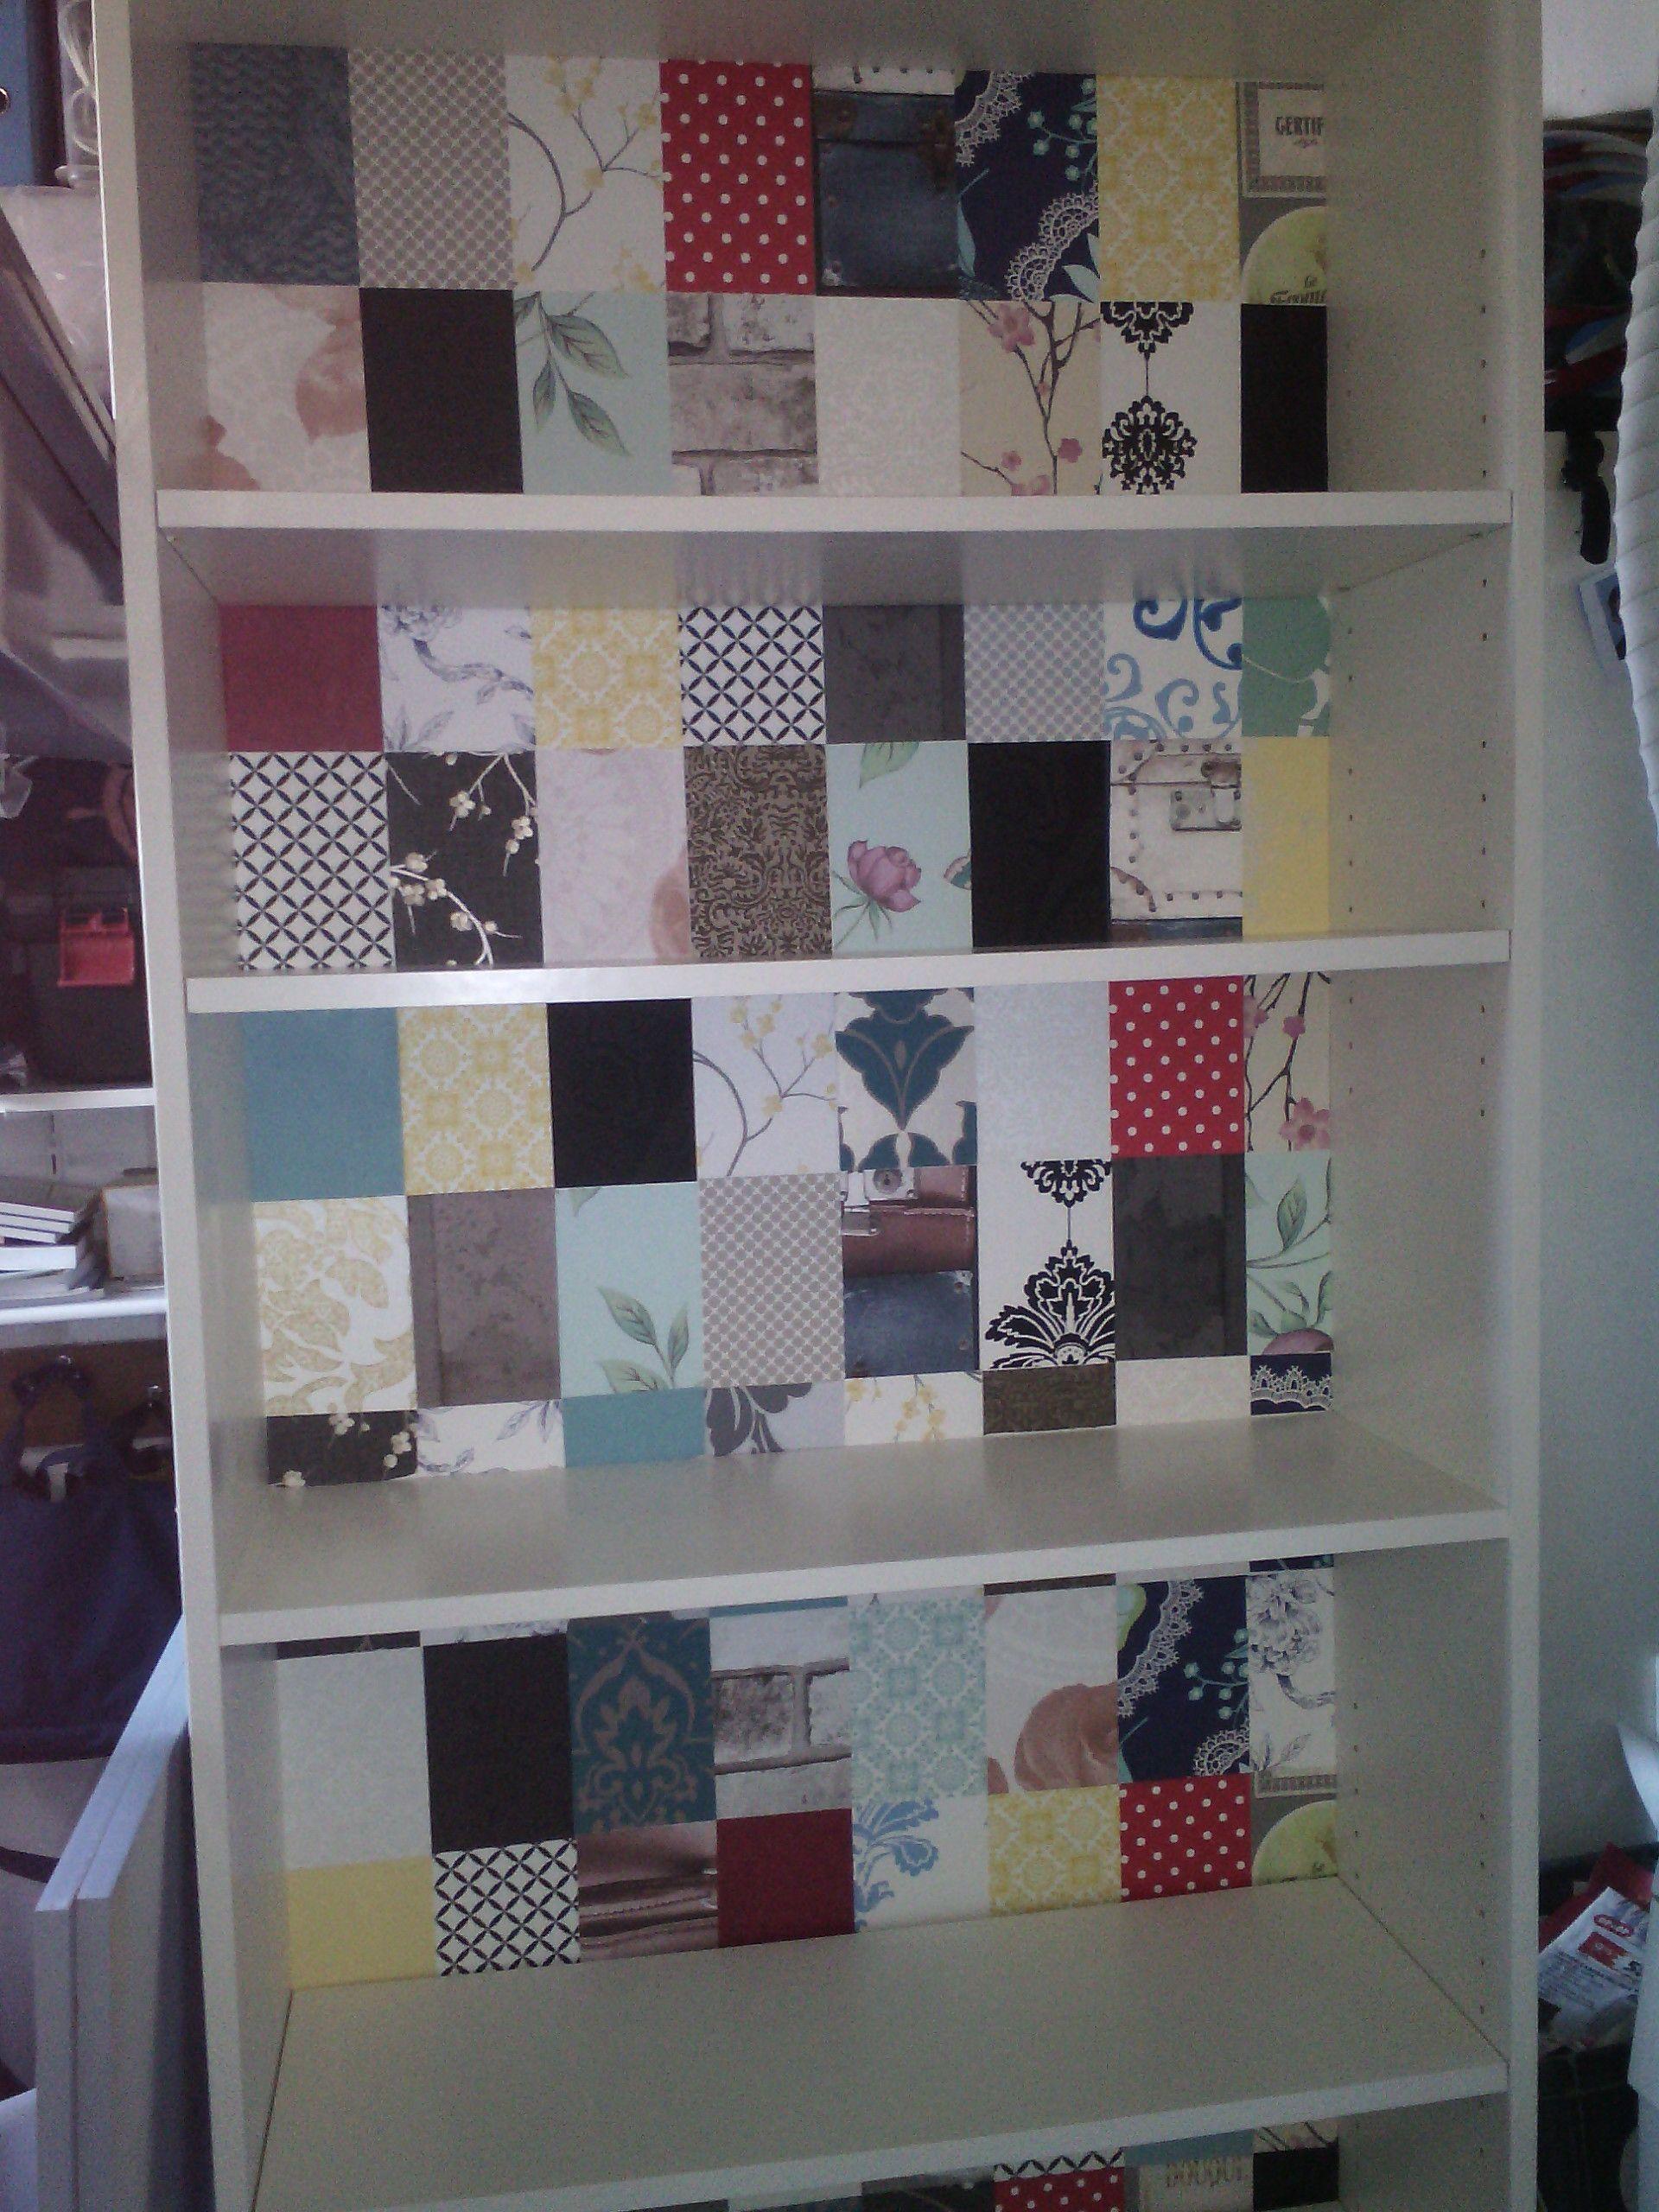 Billy boekenkast -achterwand met stukjes behang uit de doe het zelf ...